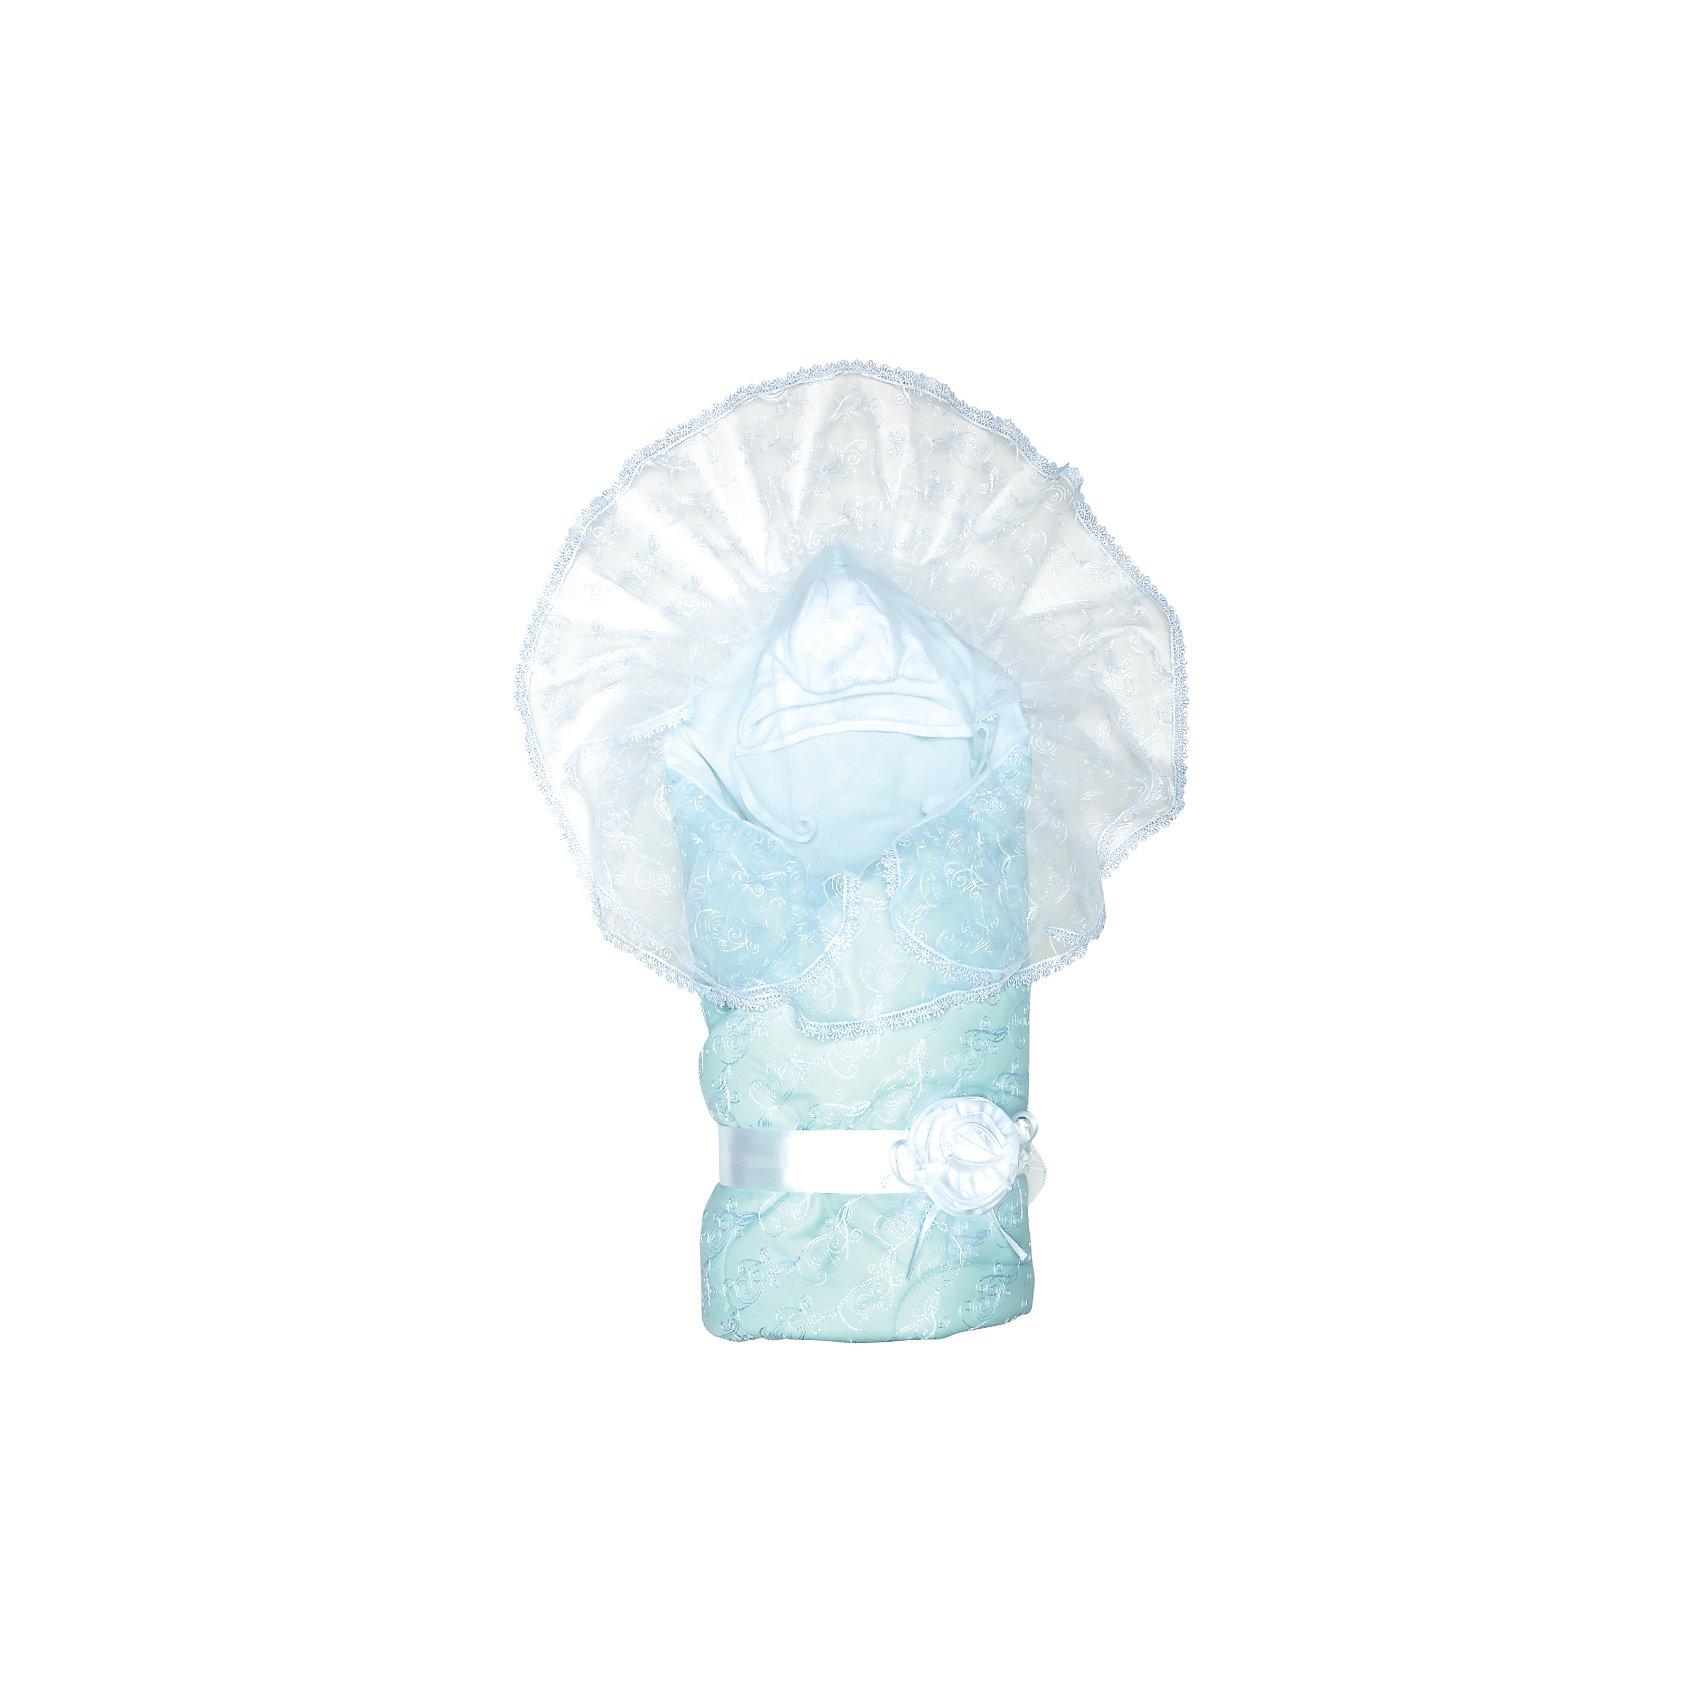 Комплект на выписку Диамант, 1715/1, Сонный Гномик, голубойКонверты на выписку<br>Комплектация: Одеяло стеганое кашемир (наполнитель 60% кашемир, 40% пэ 200г/кв.м.), пододеяльник кружевной с вуалью и кружевом (100% ПЭ), сменный пододеяльник из сатина (100% хлопок), утепленная шапочка с кружевной отделкой (100% хлопок, наполнитель 100% ПЭ, 100г/кв.м), пояс на резинке (100% ПЭ)<br>Размер, см: 105х105<br>Температурный режим, °С: От 10 до -10<br>Сезонность: Зима, весна, осень<br><br>Ширина мм: 45<br>Глубина мм: 10<br>Высота мм: 60<br>Вес г: 700<br>Возраст от месяцев: 0<br>Возраст до месяцев: 36<br>Пол: Унисекс<br>Возраст: Детский<br>SKU: 5454110